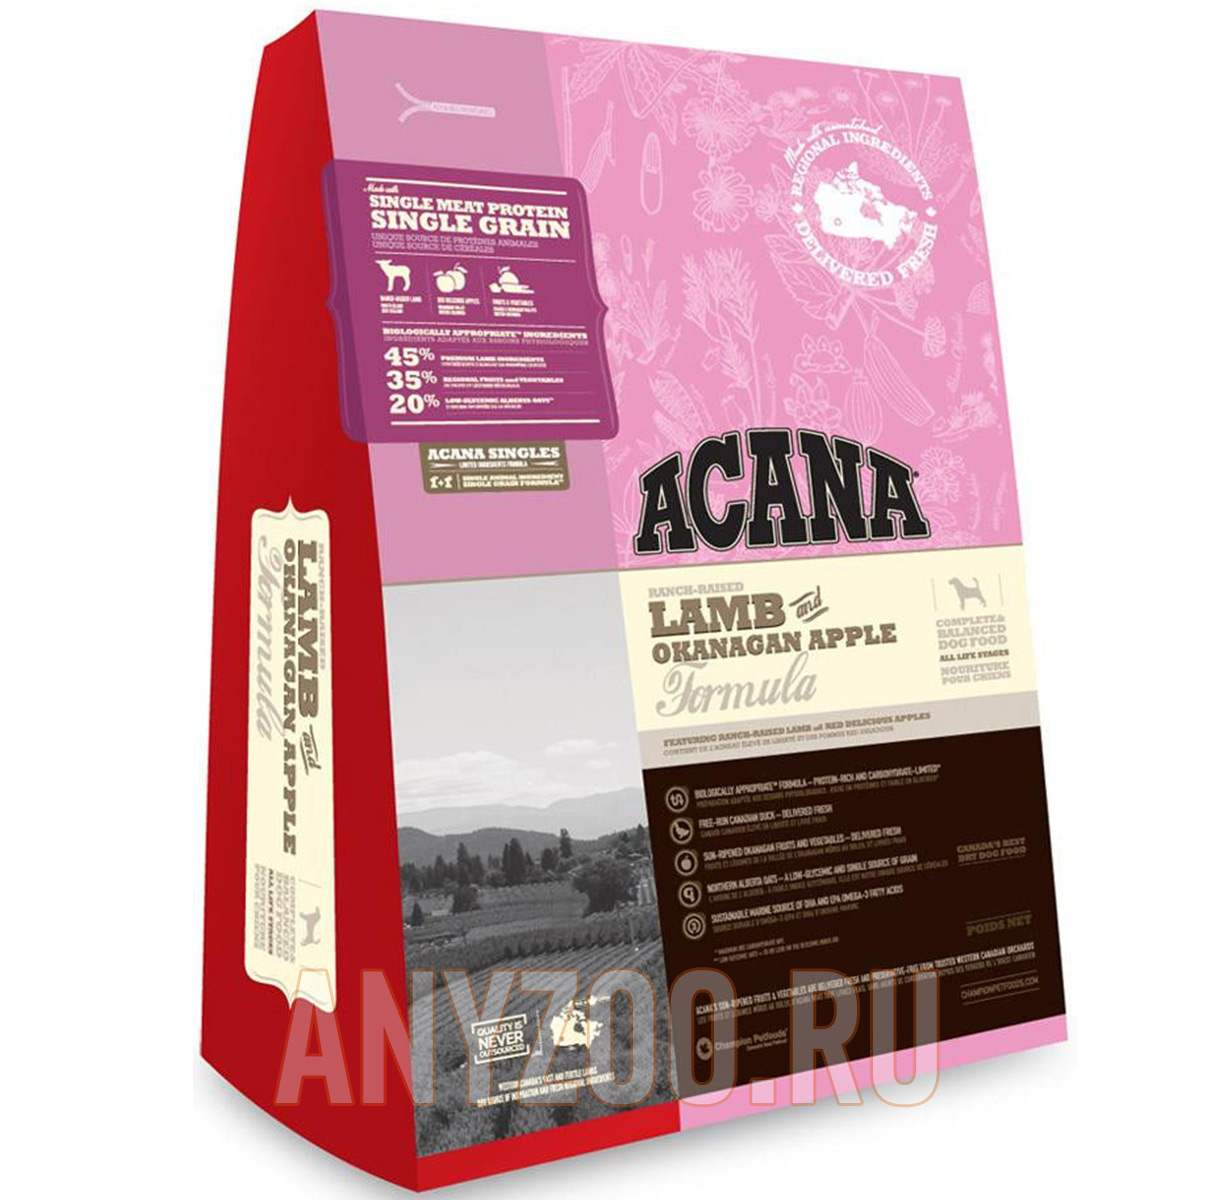 Фото товара Acana Lamb & Okanagan Apple Formula - Акана Сухой корм для собак Ягненок и яблоко (Беззерновой)